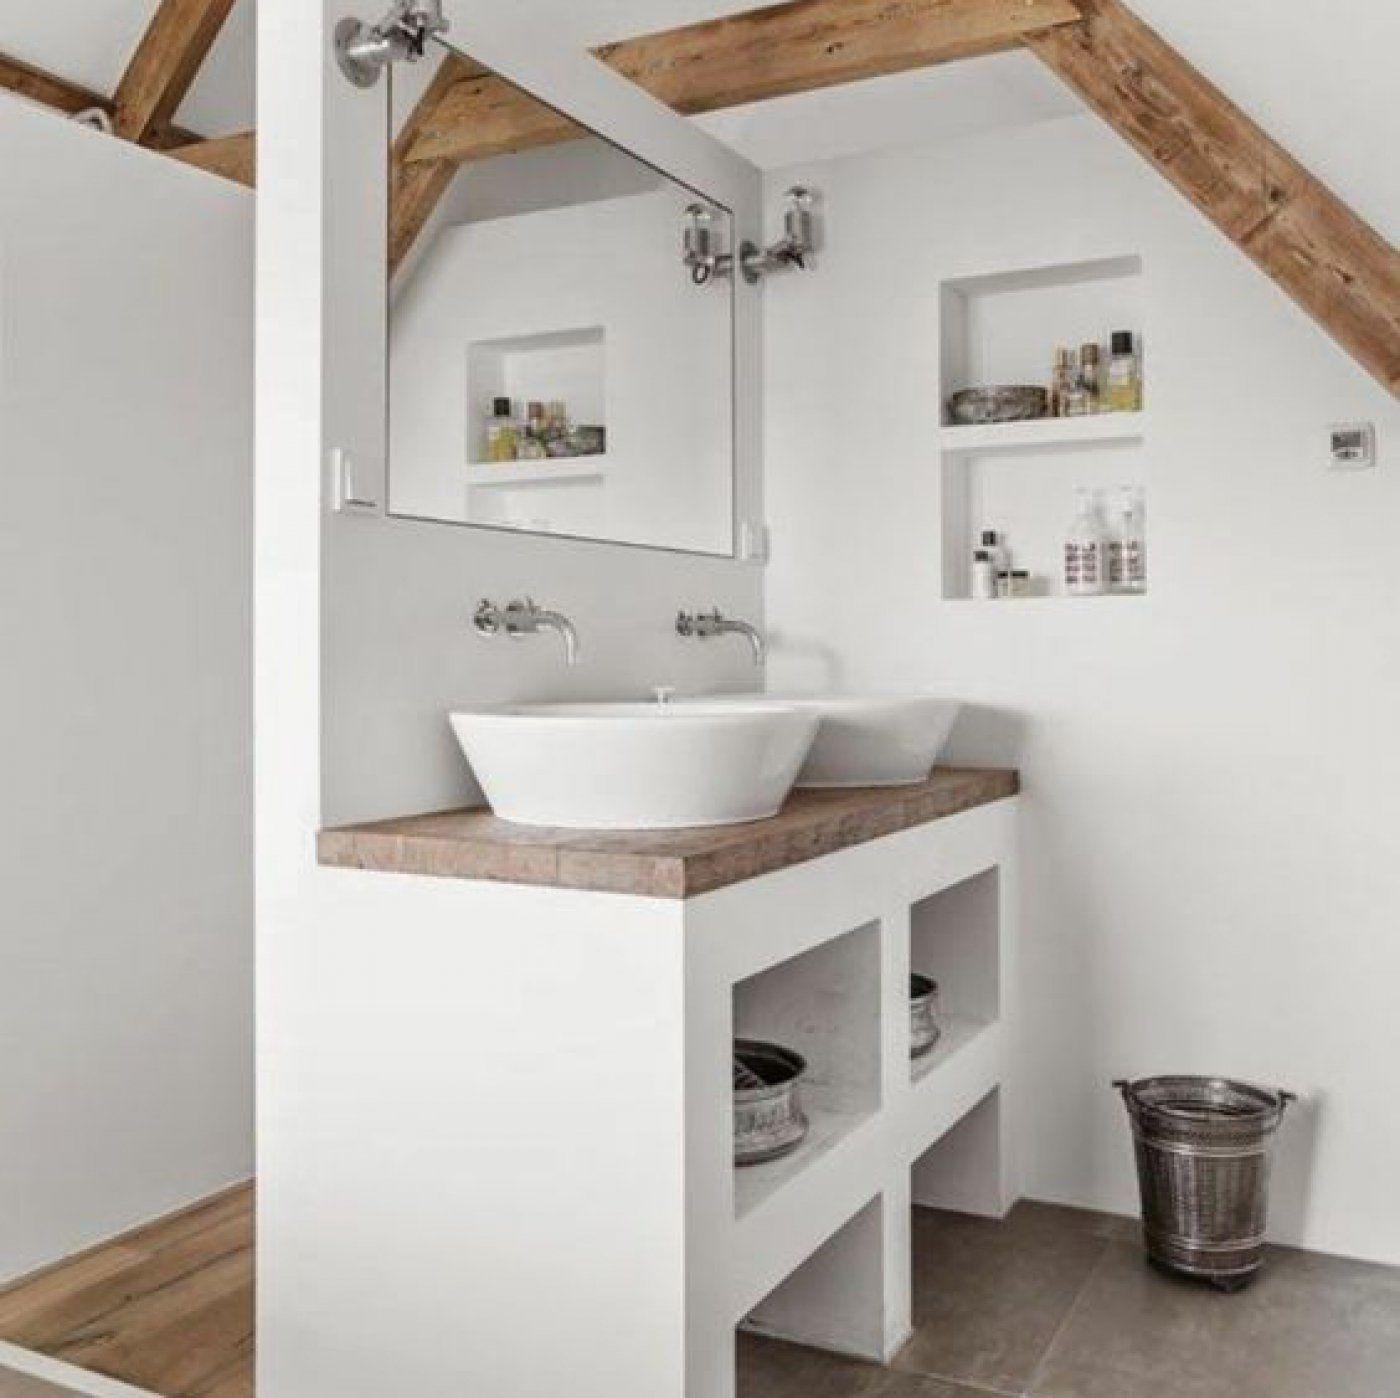 Aménager Une Salle De Bain Familiale De M Bathroom Designs - Amenagement salle de bain 5m2